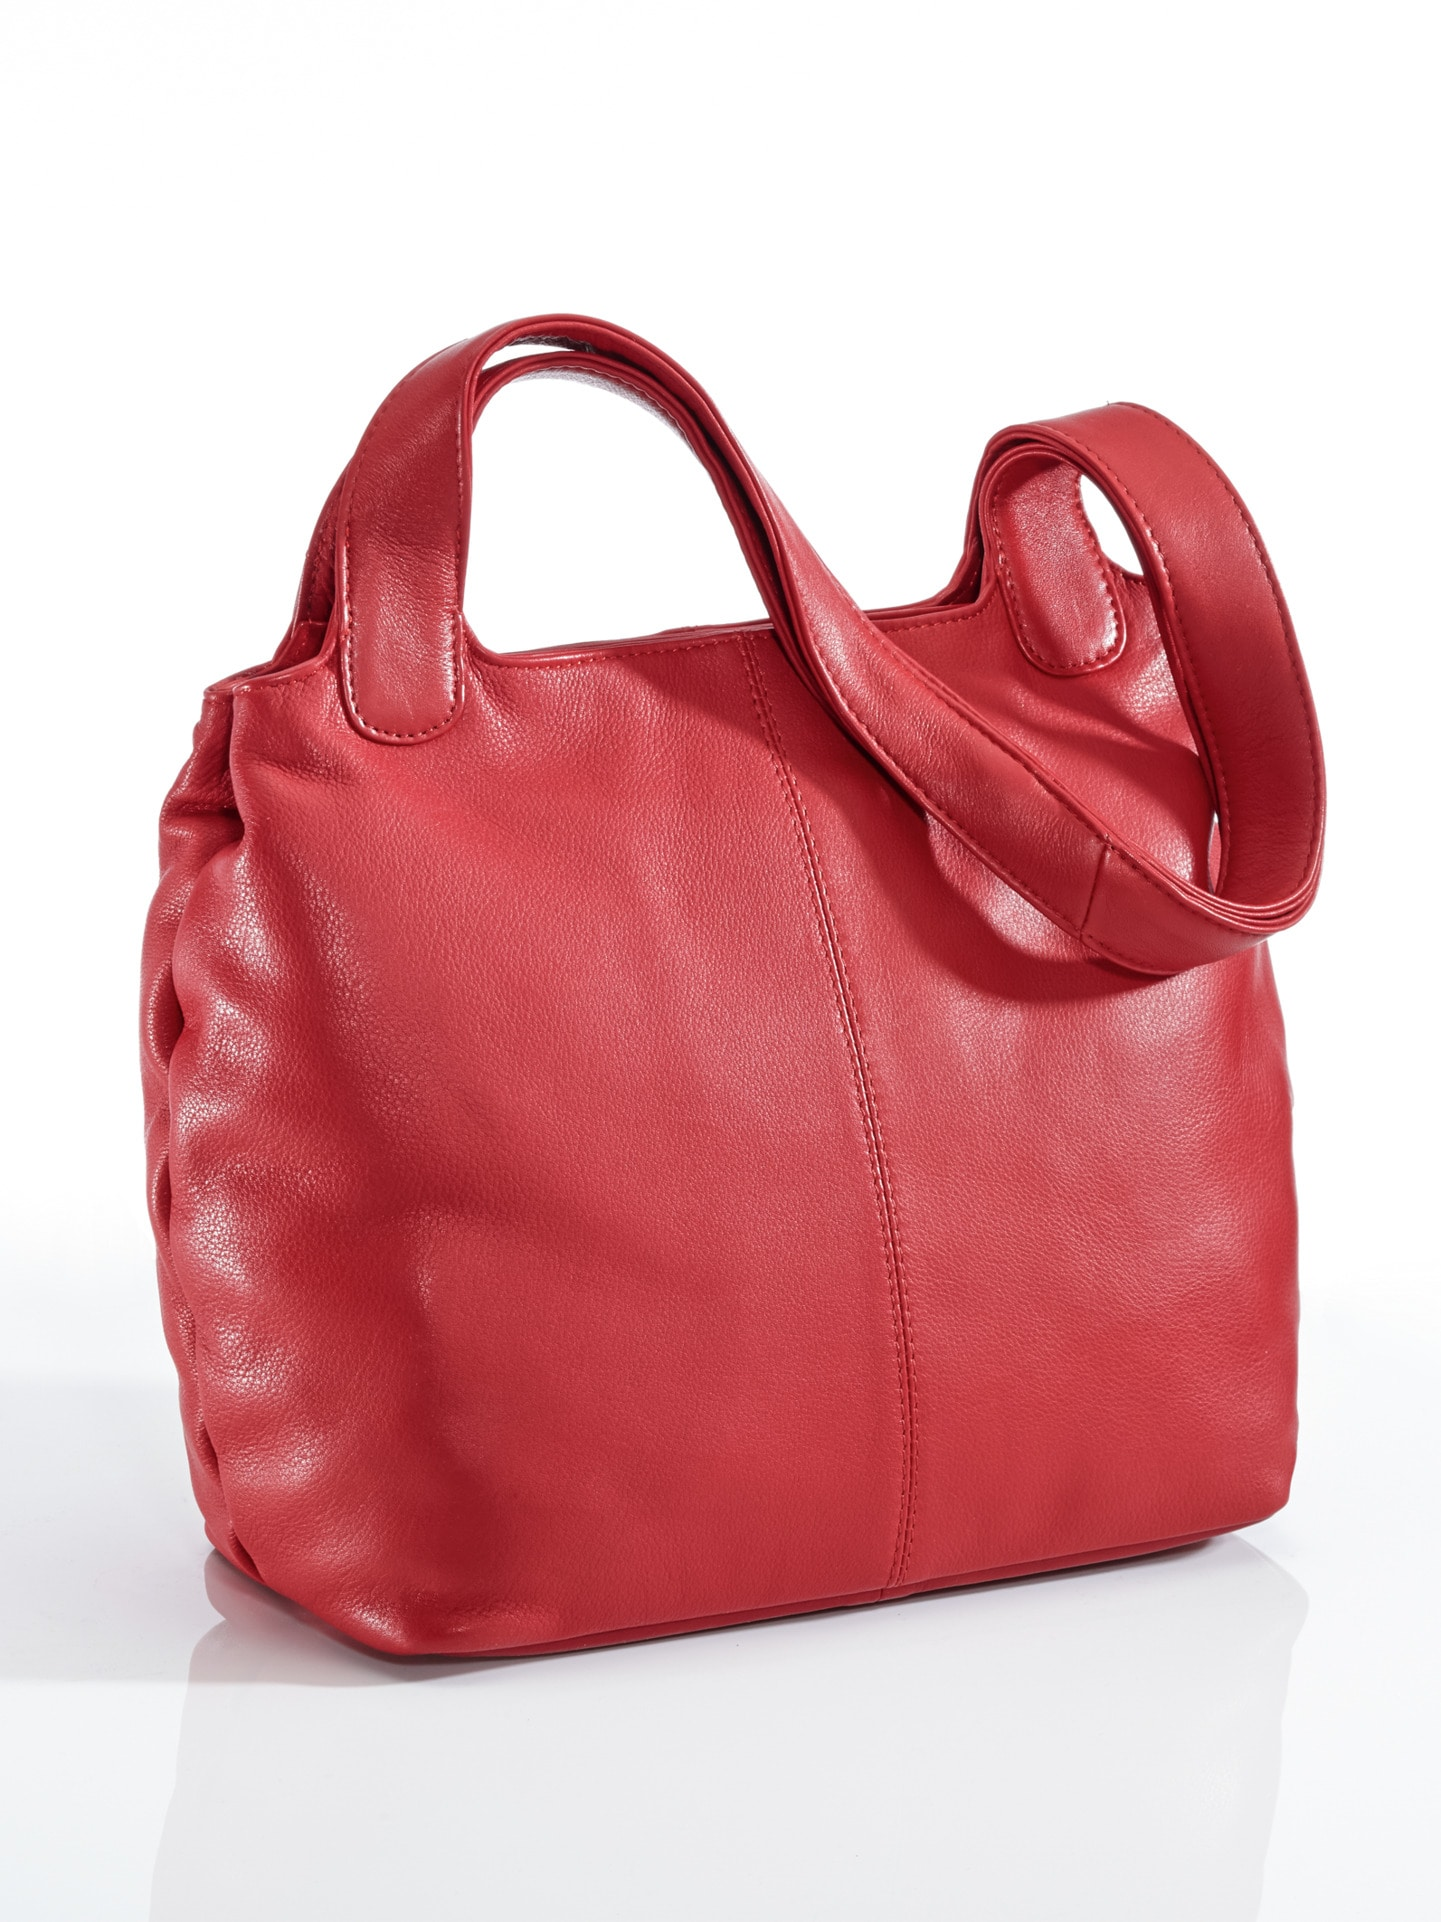 Avena Damen Leder-Shopper Easy Going Rot 49-5206-0